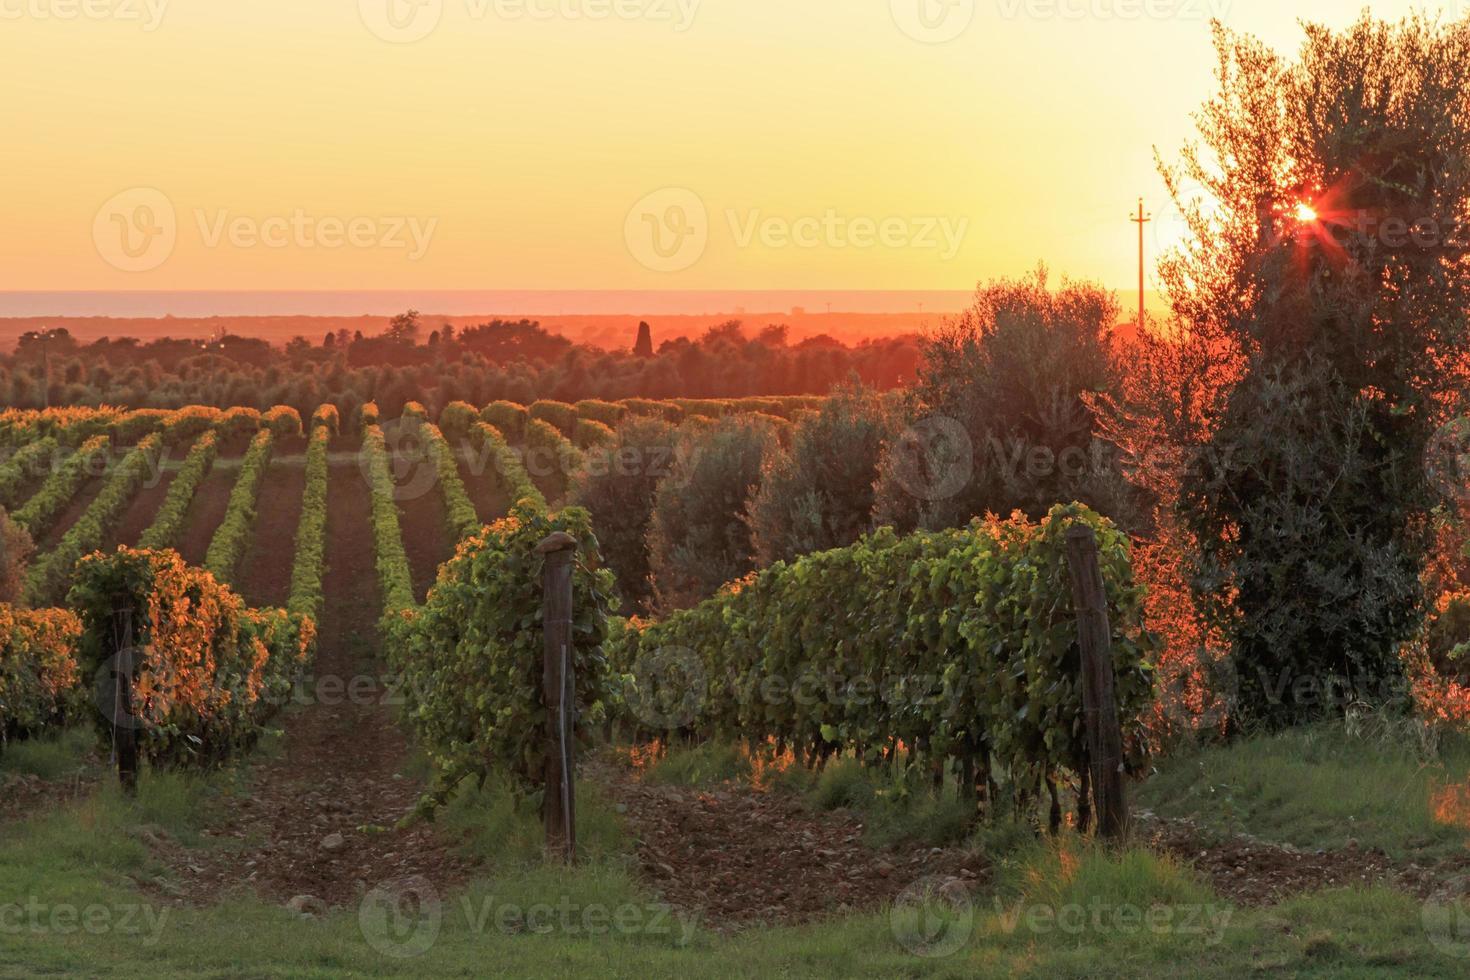 Coucher de soleil dans un vignoble, Toscane - Italie photo